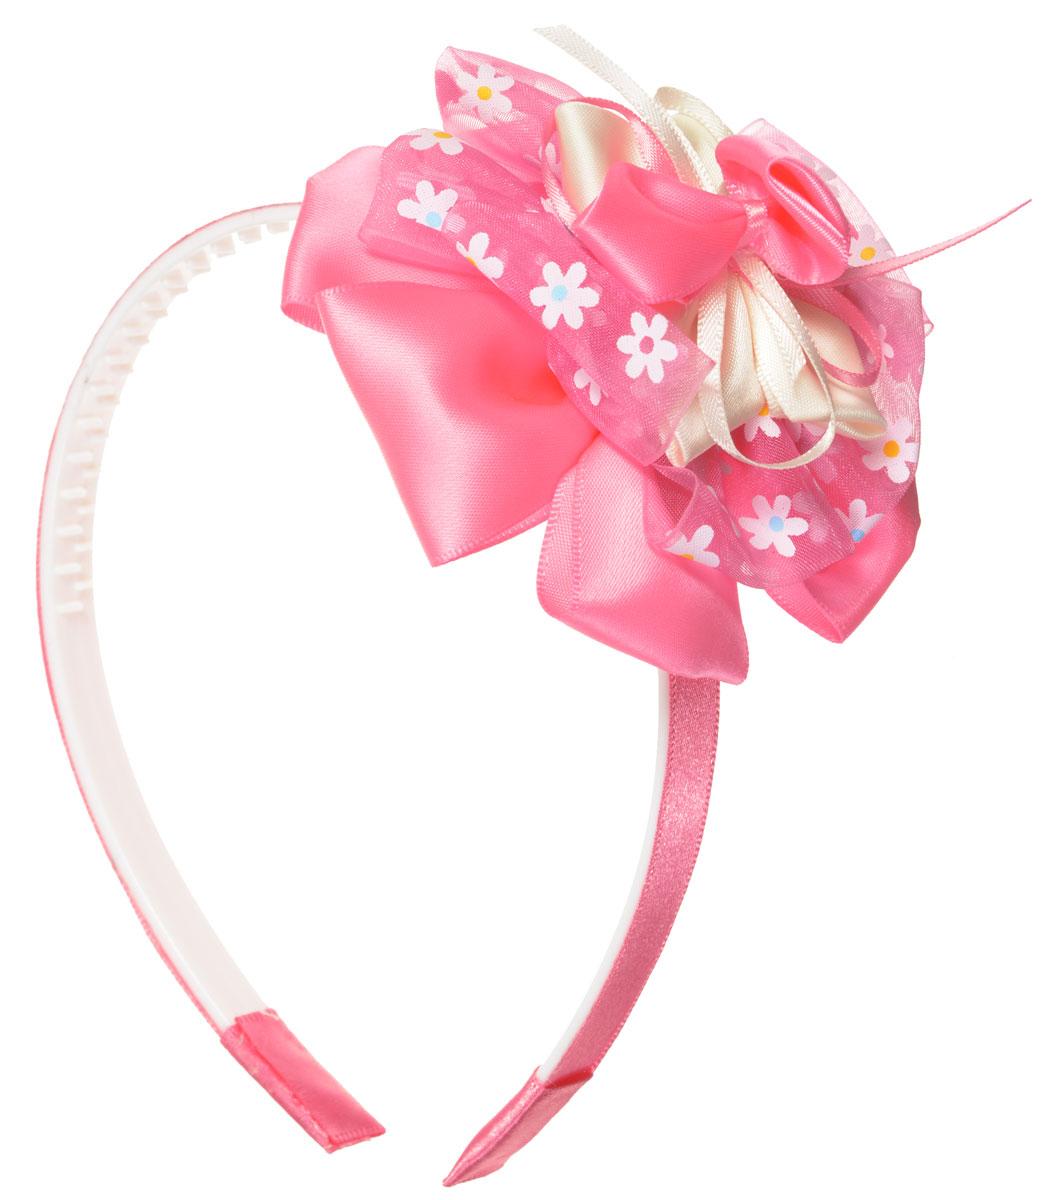 Baby's Joy Ободок для волос цвет розовый VT 127